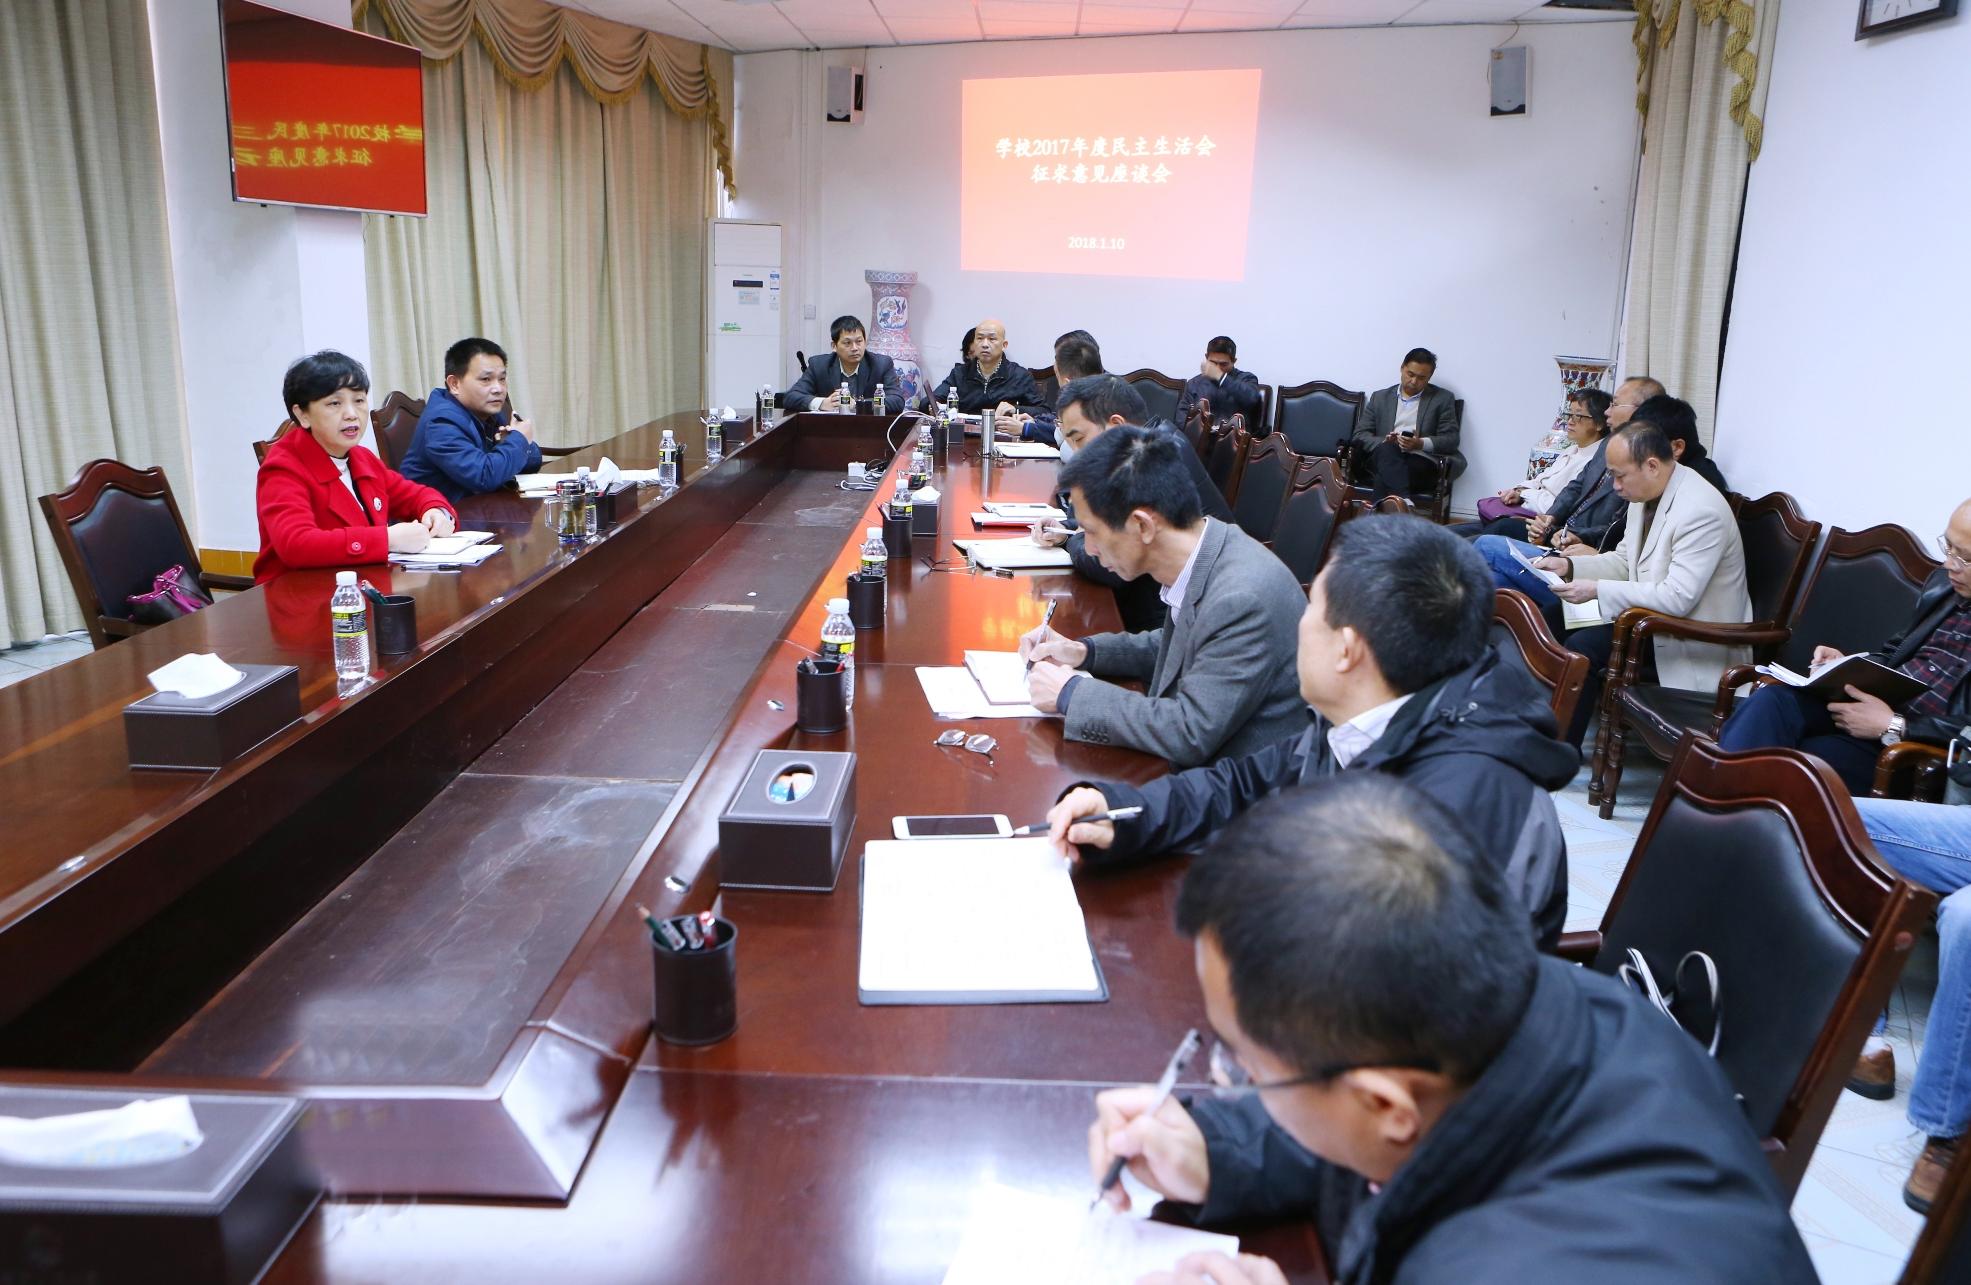 校领导主持召开2017年度领导班子民主生活会征求意见座谈会